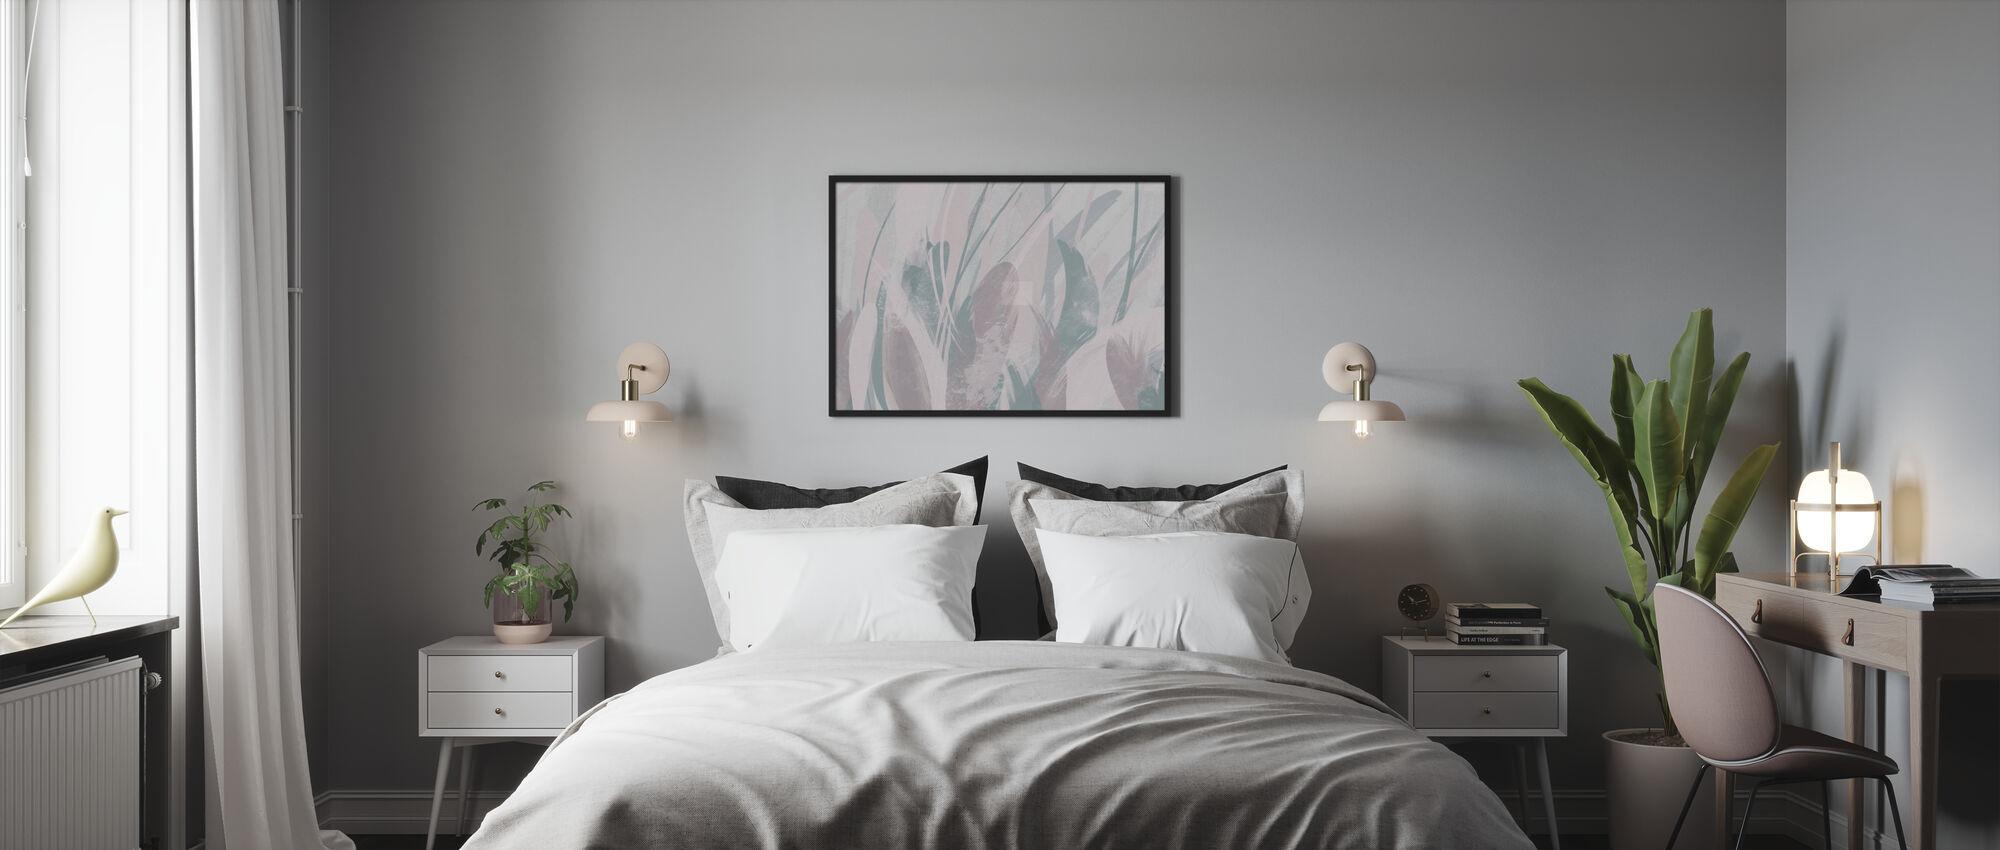 Piume astratte - Luminose - Poster - Camera da letto